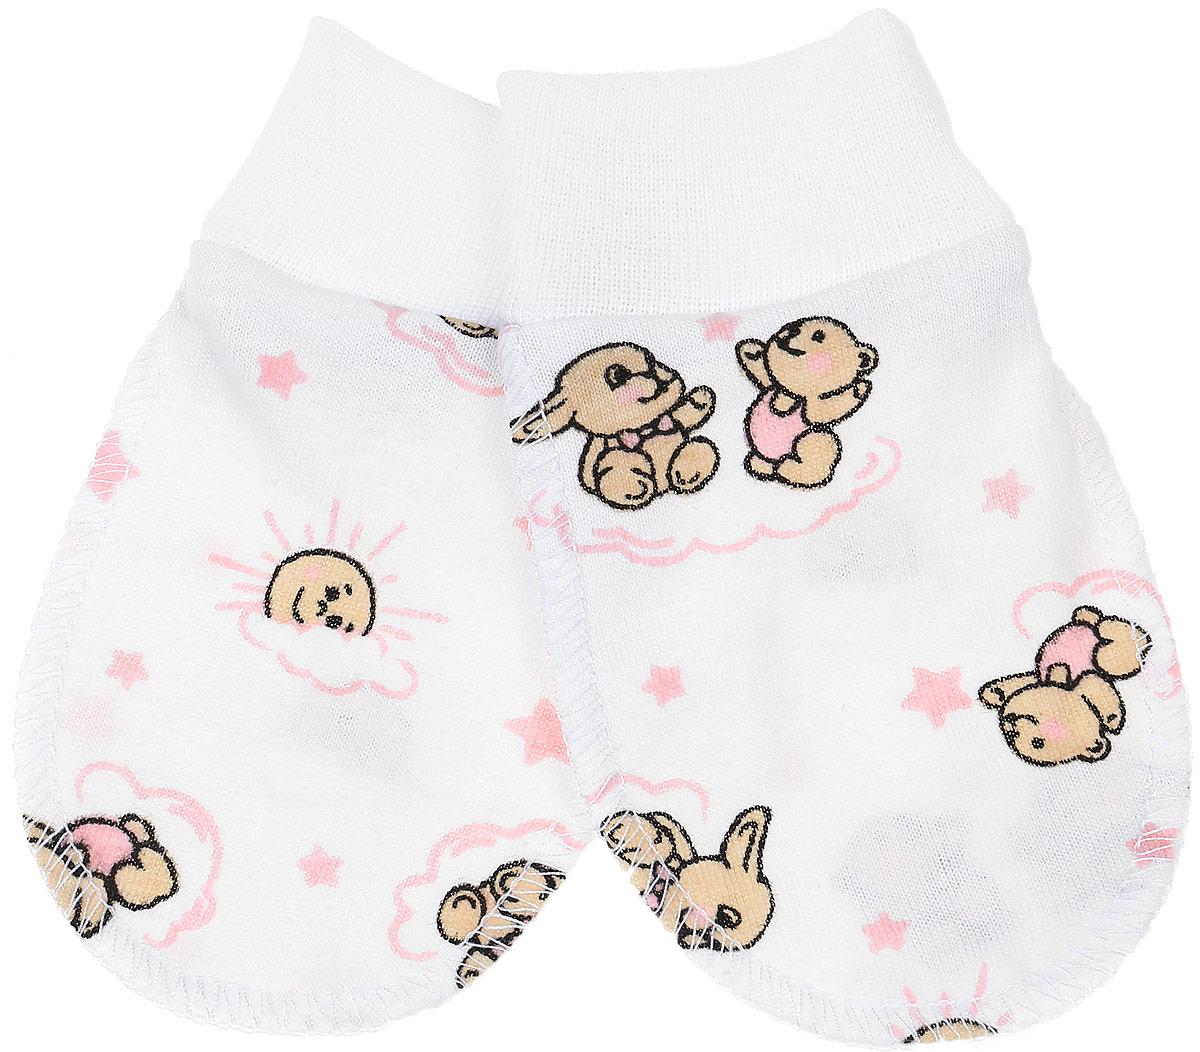 Рукавички Чудесные одежки, цвет: белый, розовый, бежевый. 5906. Размер 62